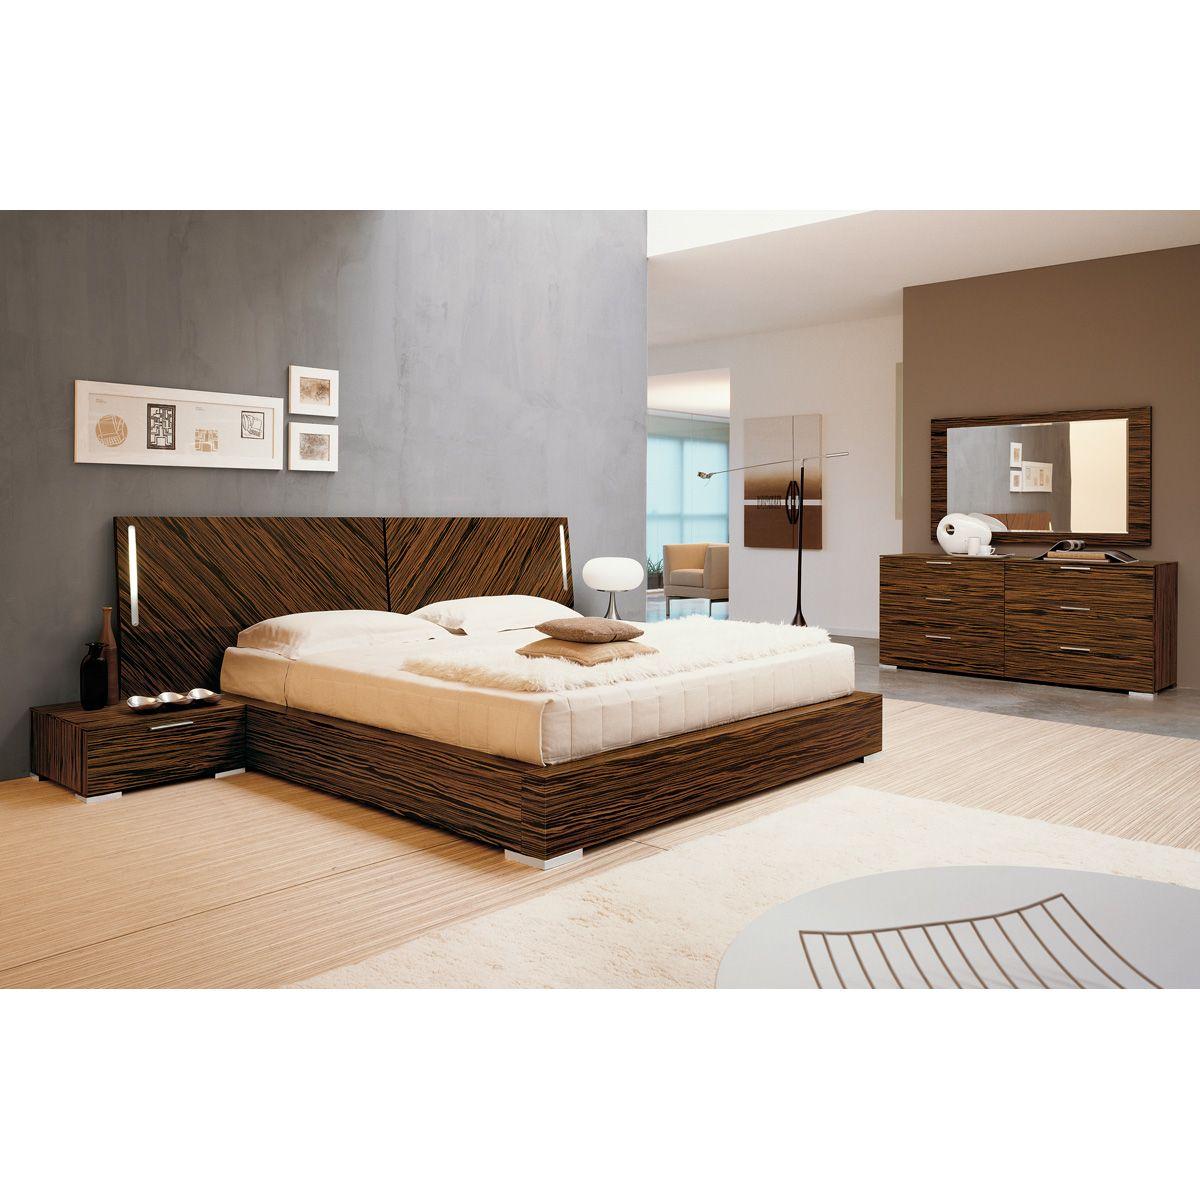 Webb 5 Piece Bedroom Set In 2020 Bedroom Set 5 Piece Bedroom Set House Interior Design Living Room